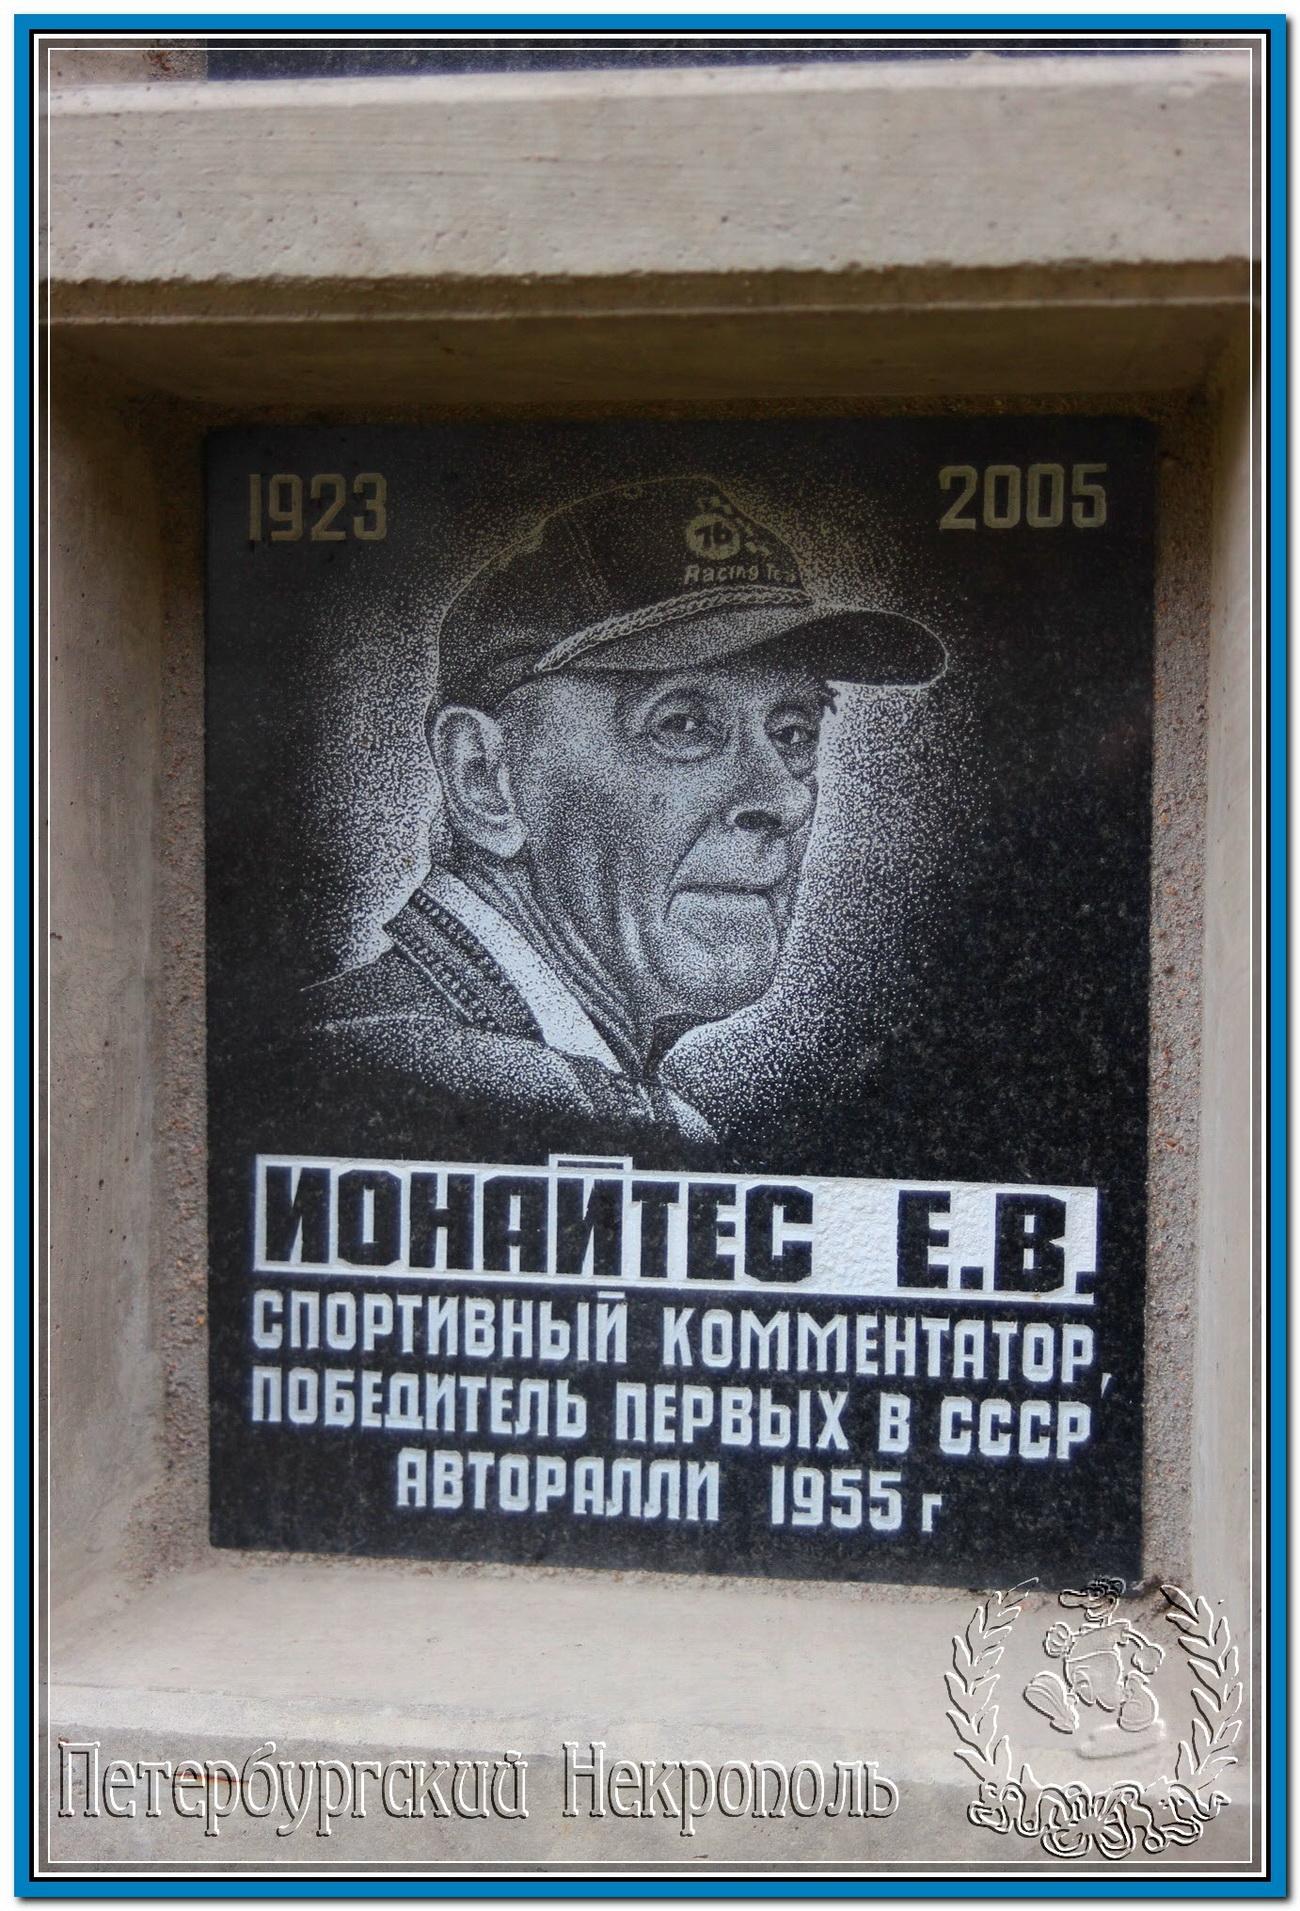 © Ионайтес Евгений Викторович